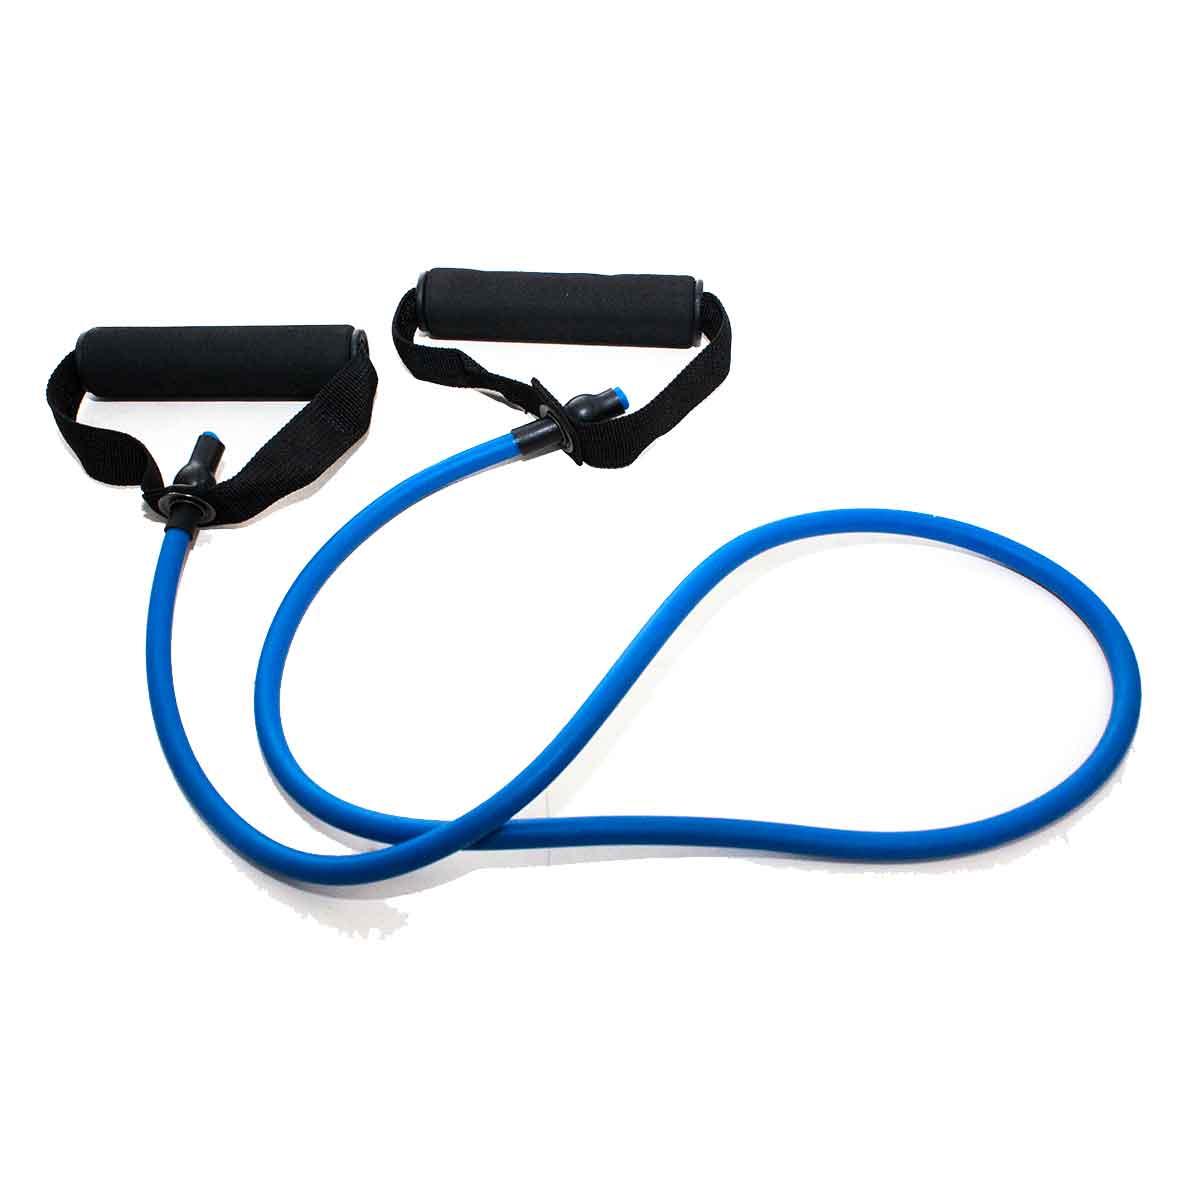 3x Elásticos Extensor Vertical Fitness Yoga Exercícios Ginástica Leve Médio Forte